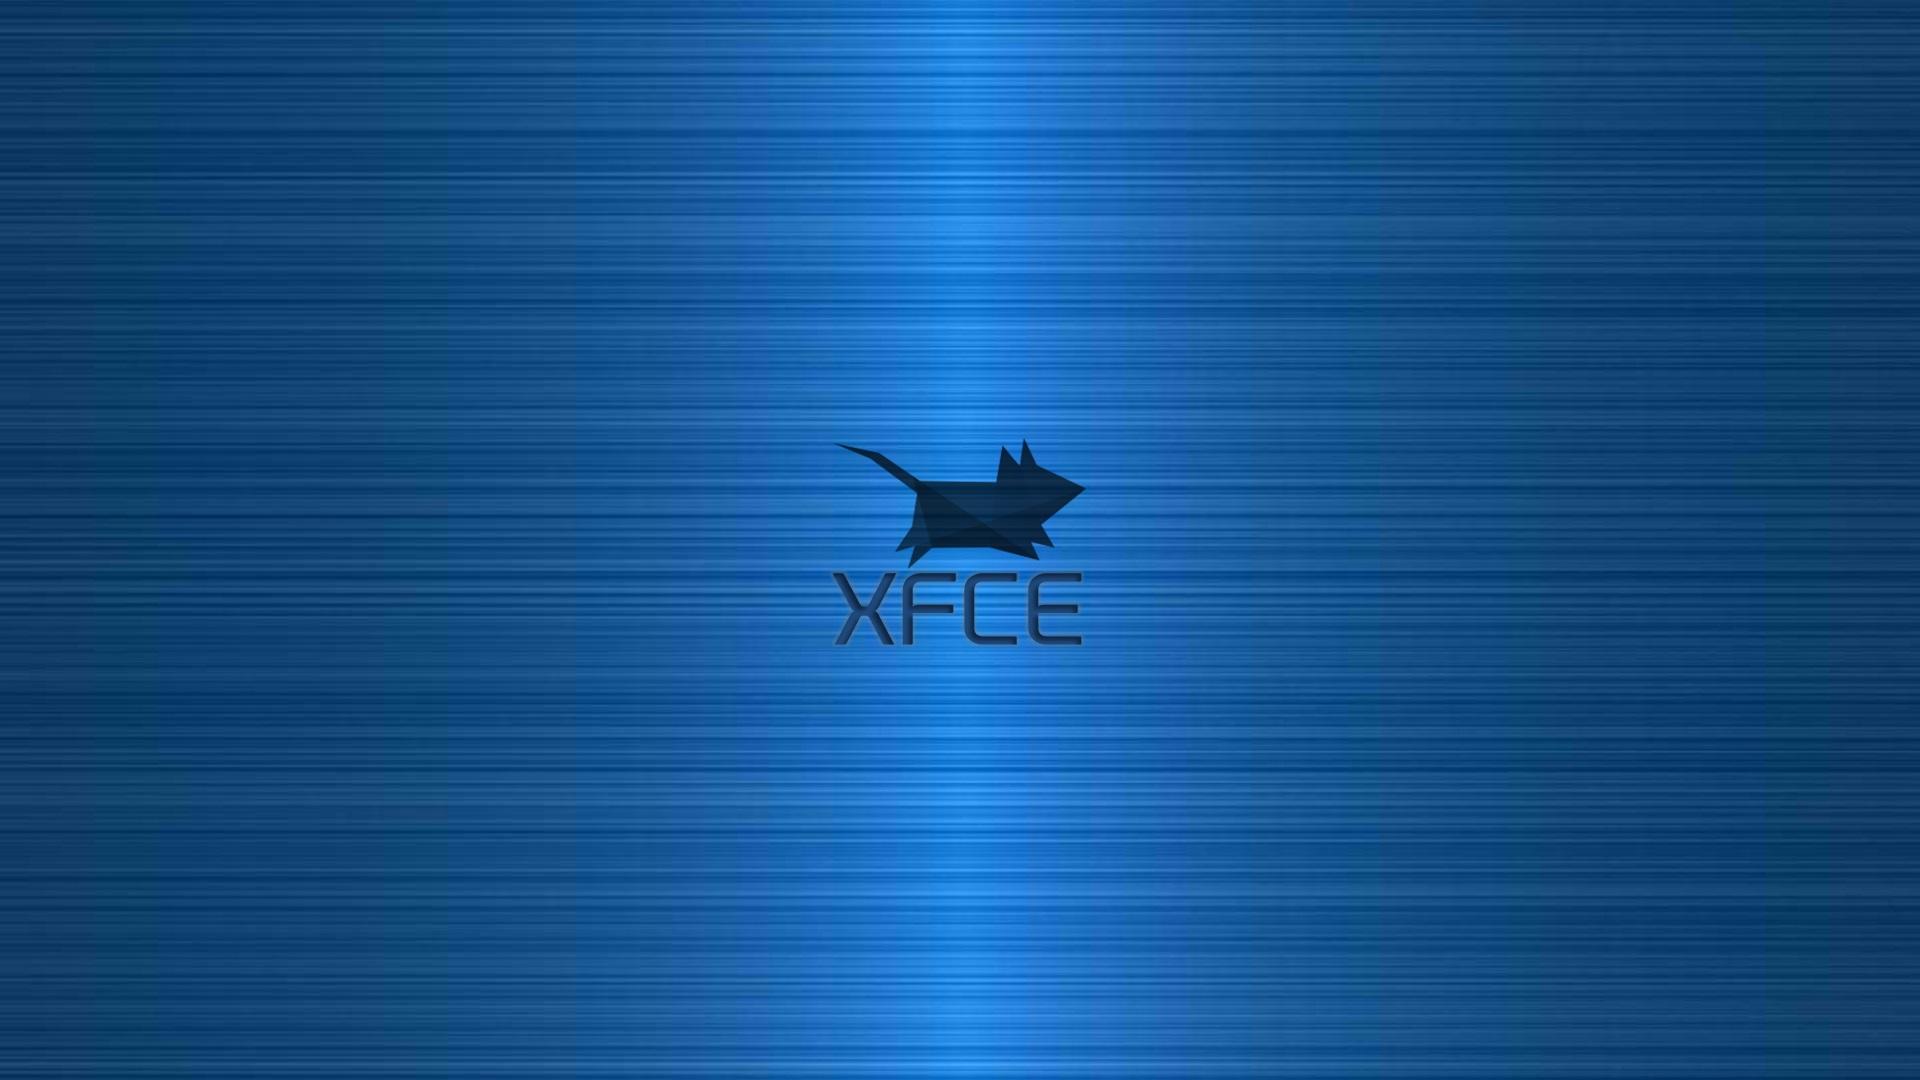 xfce blue brushed by despotveliki xfce blue brushed by despotveliki